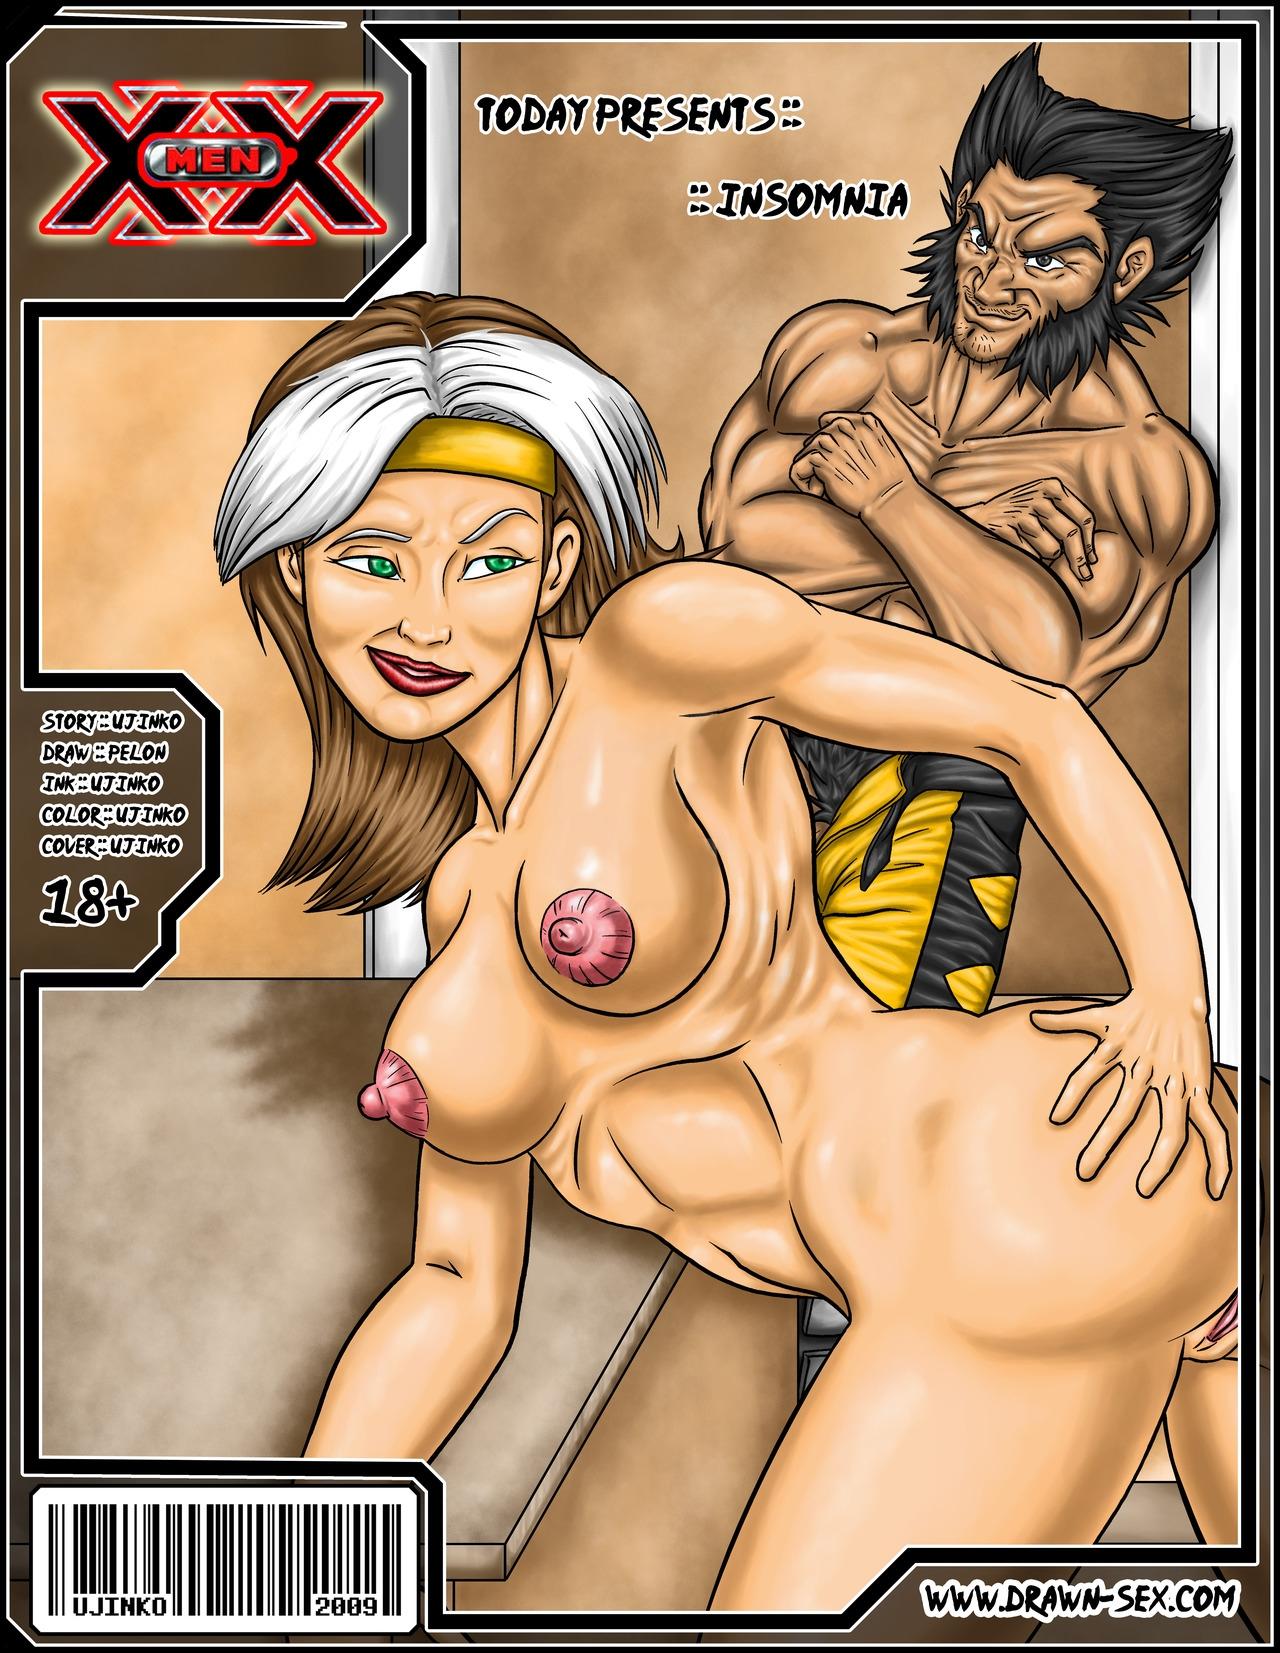 SureFap xxx porno X-Men - [Drawn-Sex][Ujinko] - All Fuck - Insomnia